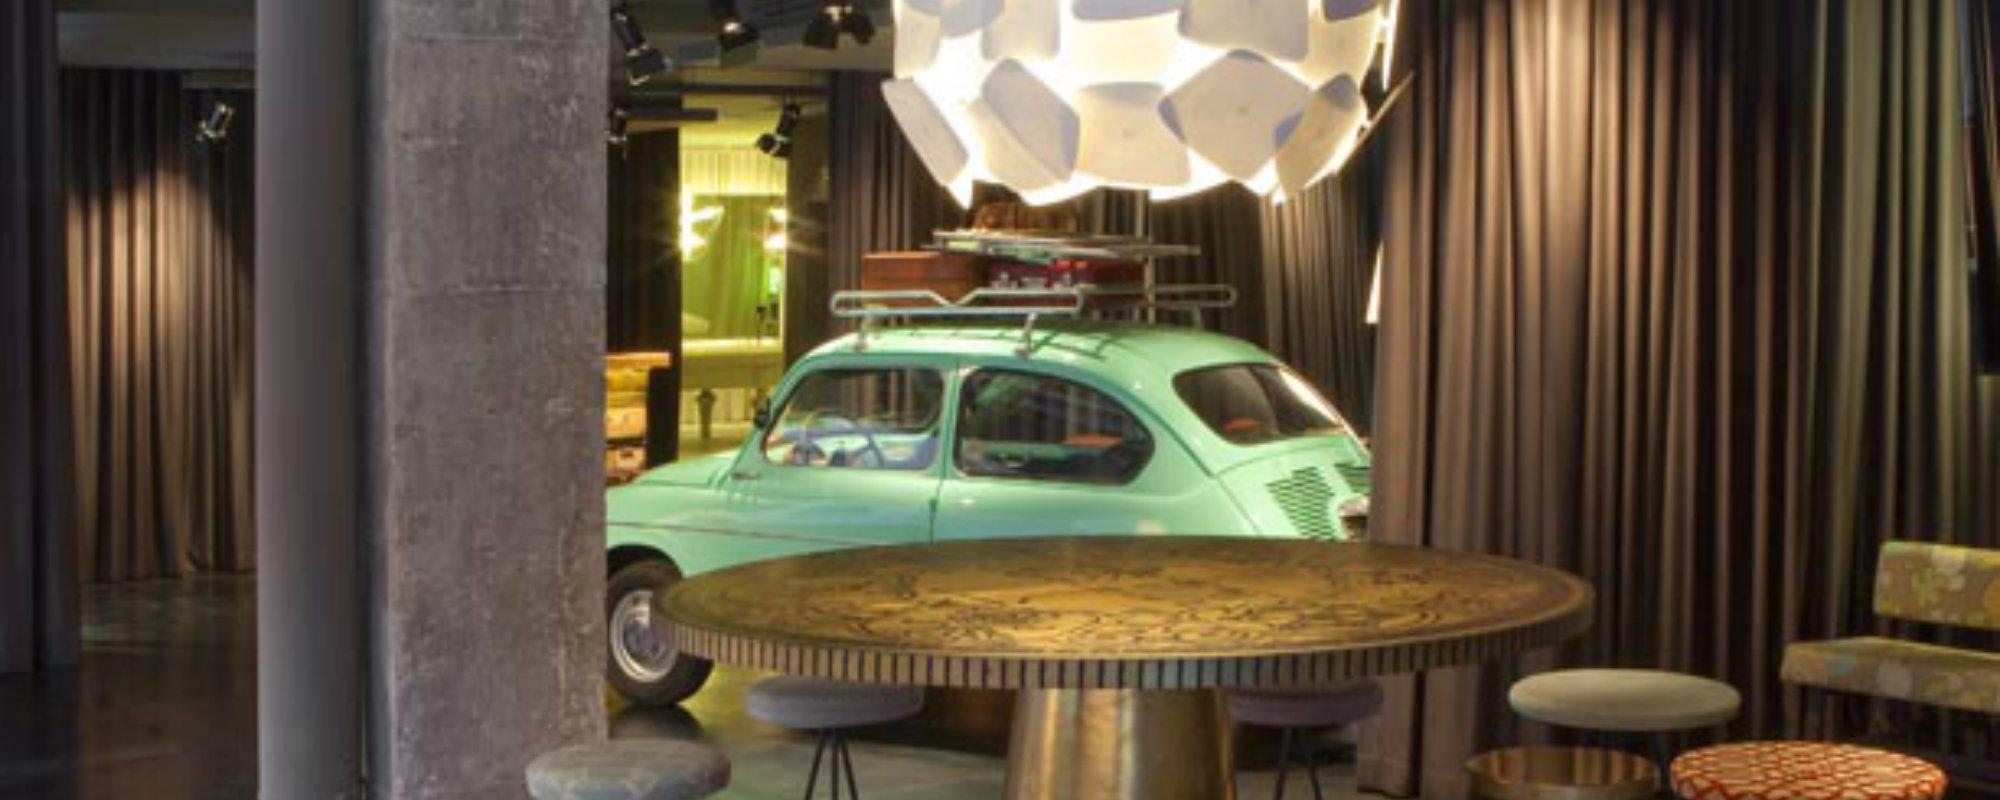 Decoración de lujo: El mundo del interiorismo através de Eva Martinez decoración de lujo Decoración de lujo: El mundo del interiorismo através de Eva Martinez Featured 7